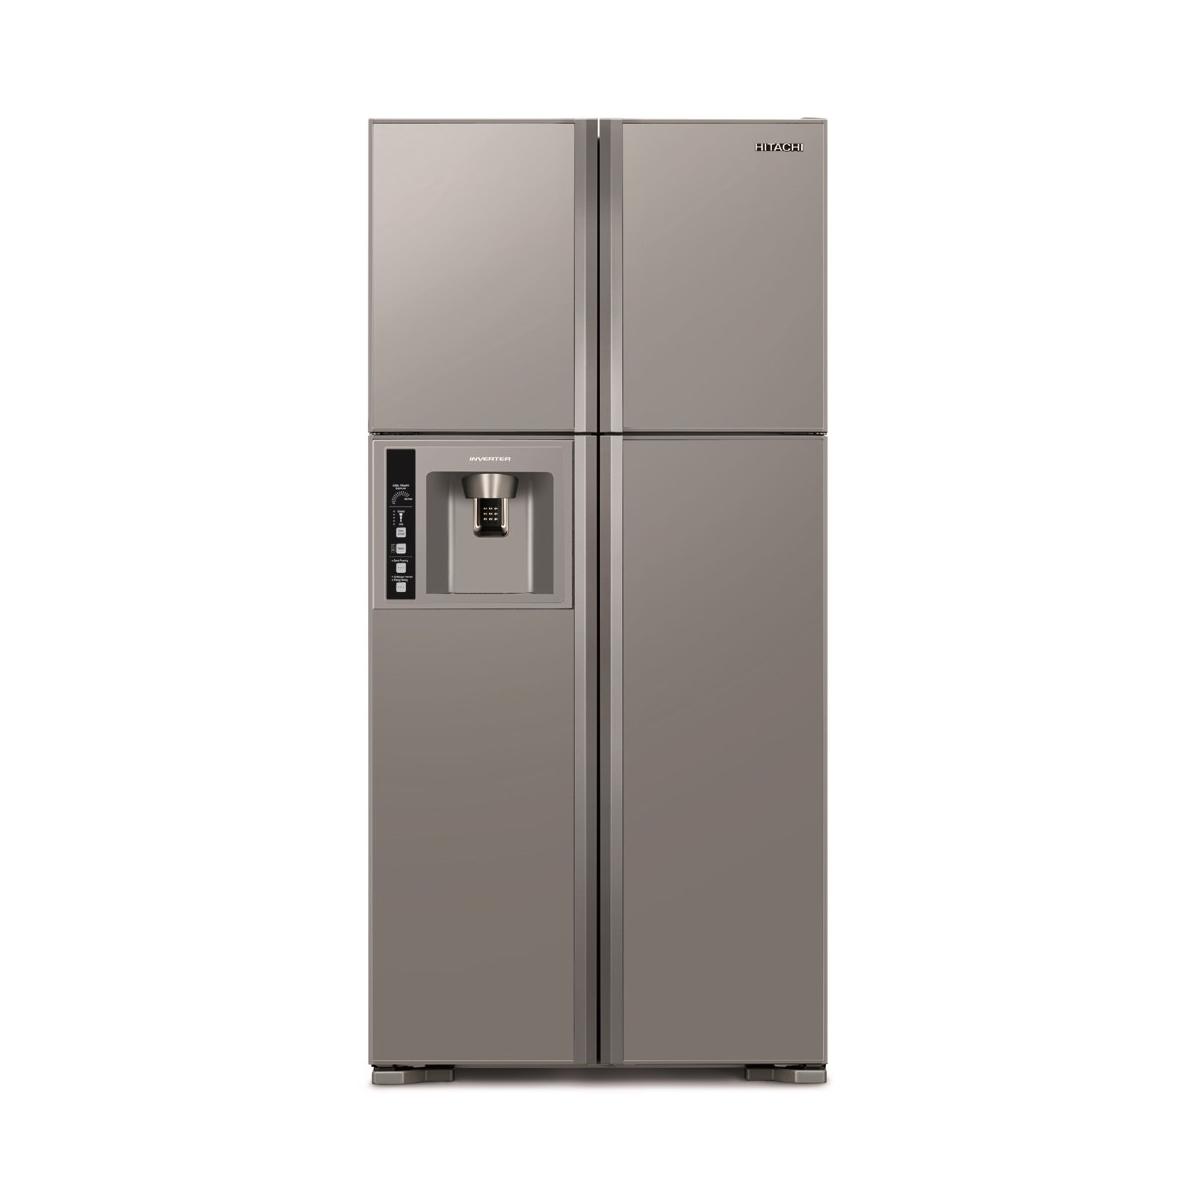 Tủ lạnh hitachi nhật Nội địa